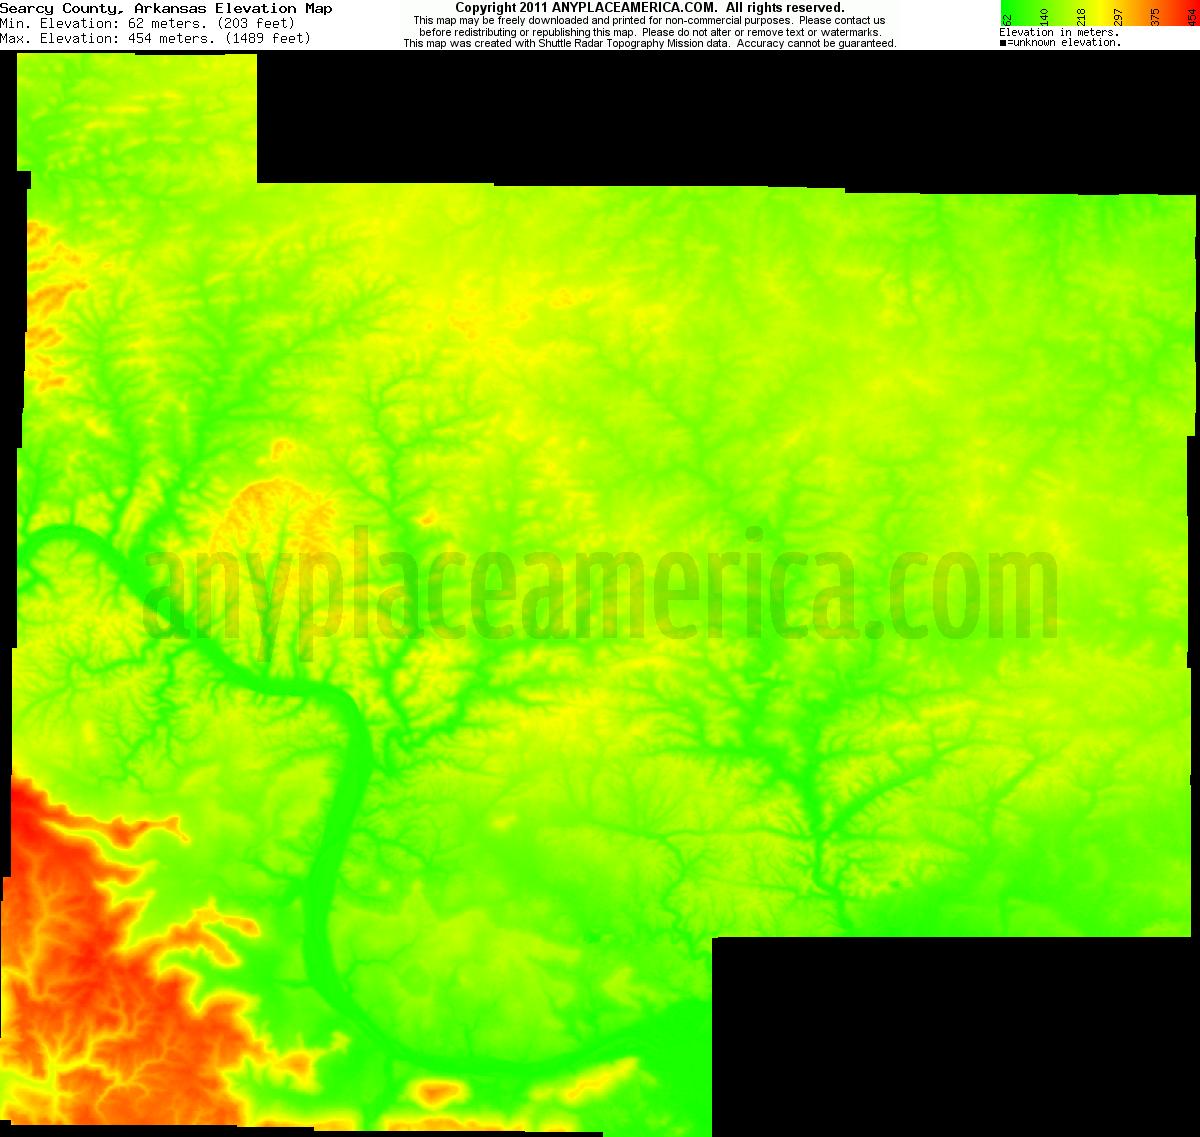 Elevation Of Washington County Ar Usa: Free Searcy County, Arkansas Topo Maps & Elevations